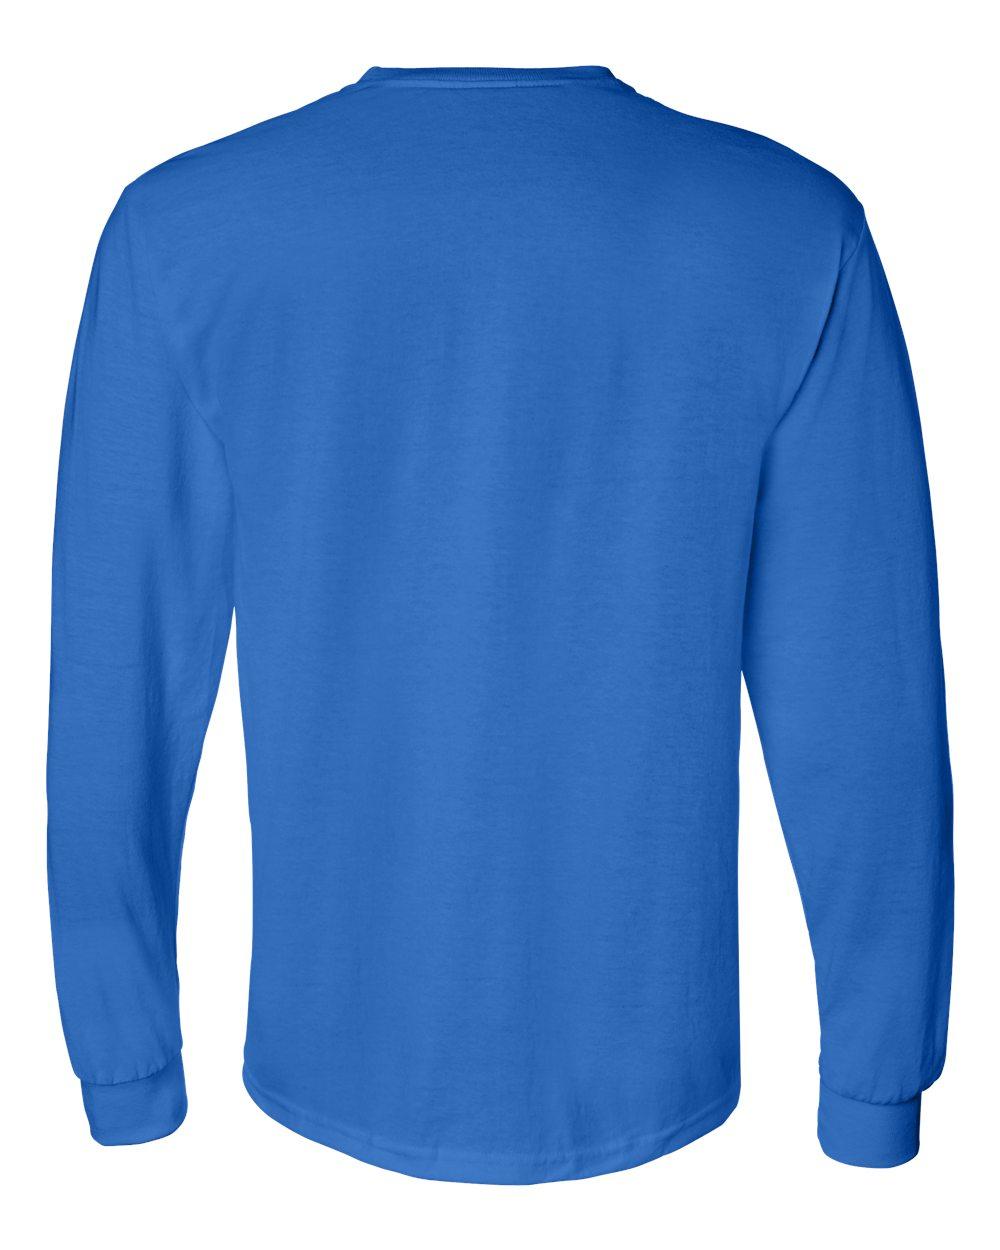 Gildan-Mens-Blank-DryBlend-50-50-Cotton-Long-Sleeve-T-Shirt-8400-up-to-3XL miniature 37